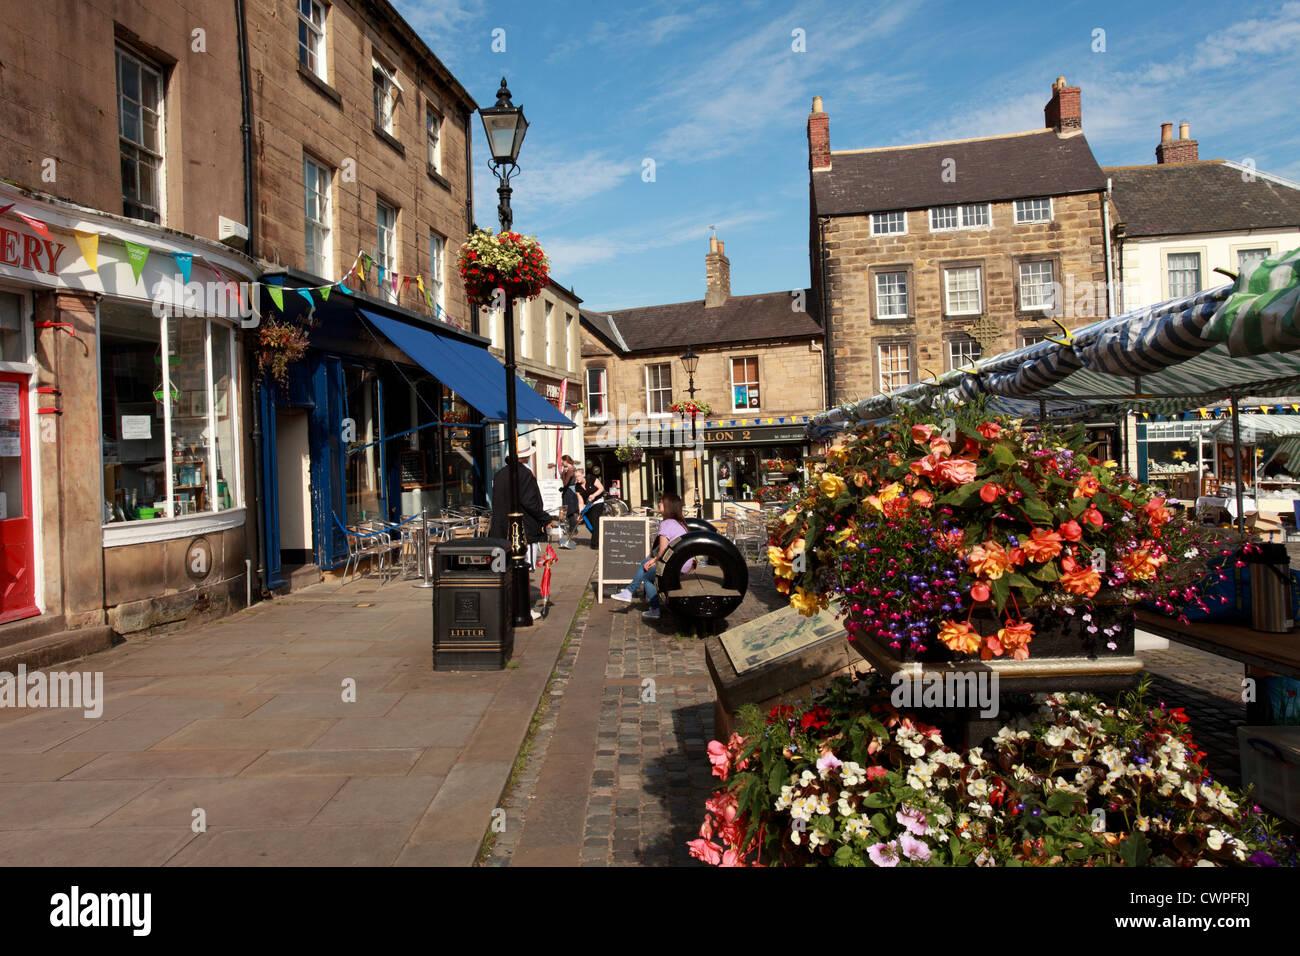 Market Place, Alnwick, Northumberland UK - Stock Image